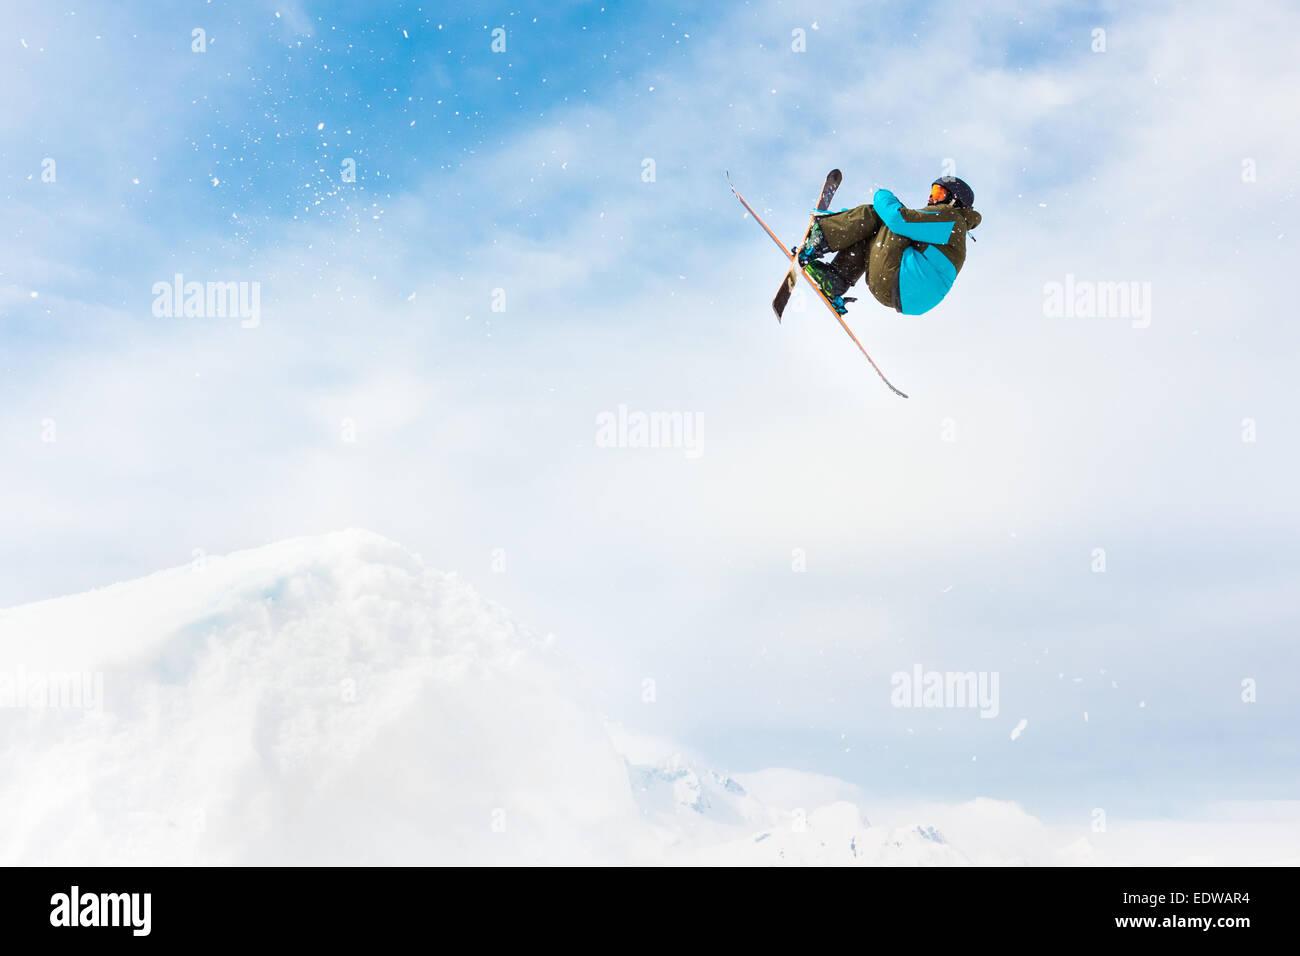 Stile libero sciatore. Immagini Stock